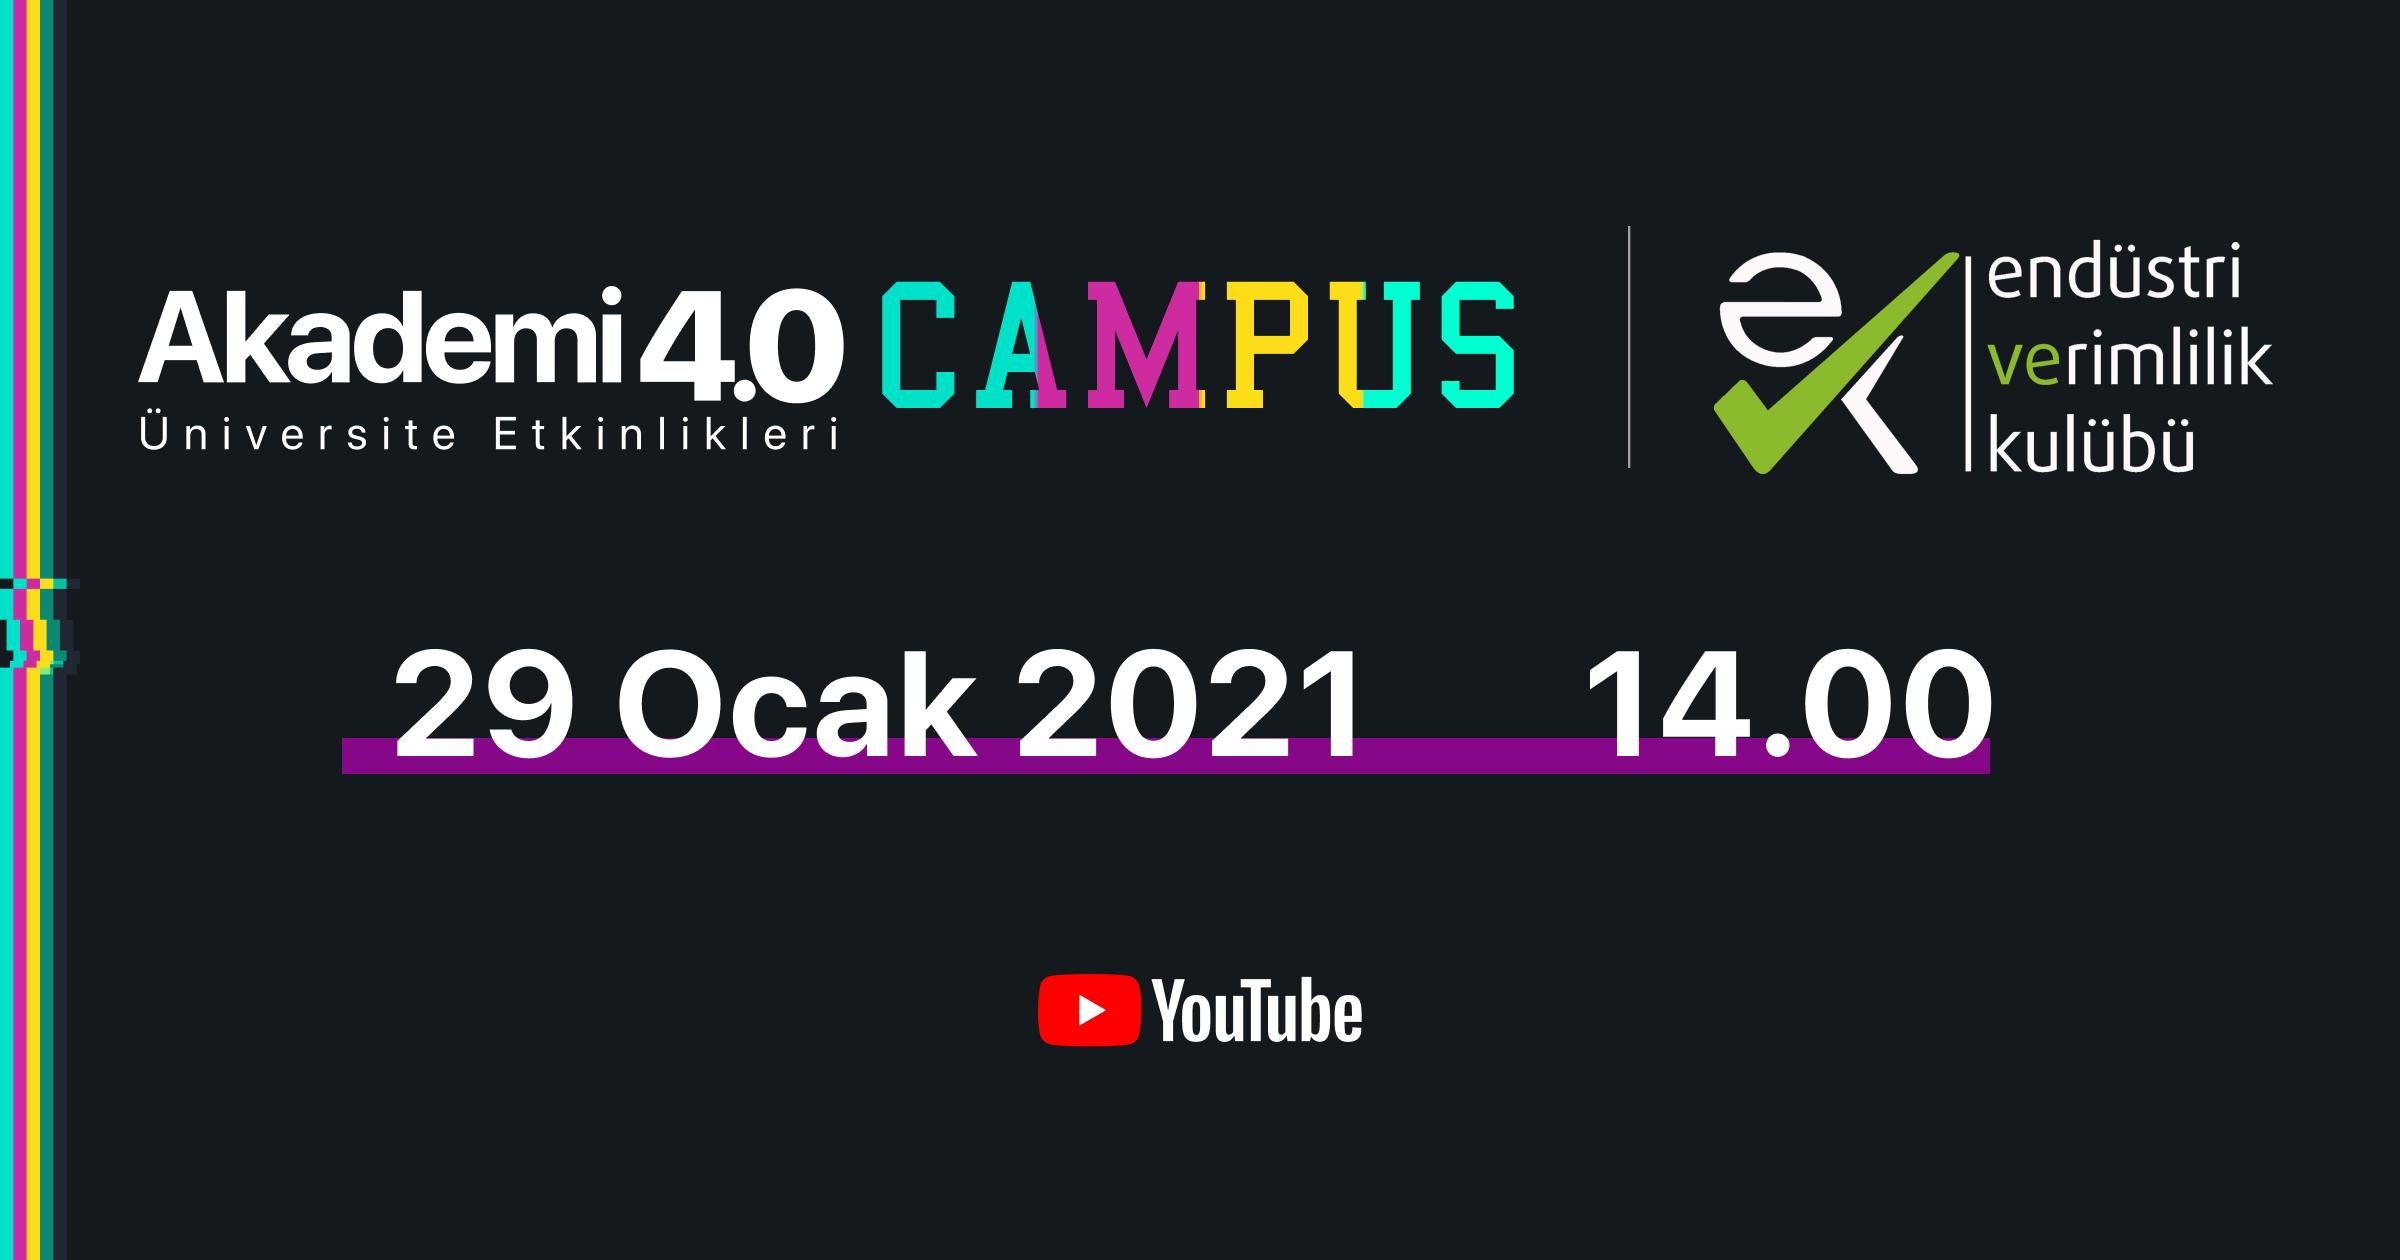 Campus 4.0 - ESTU